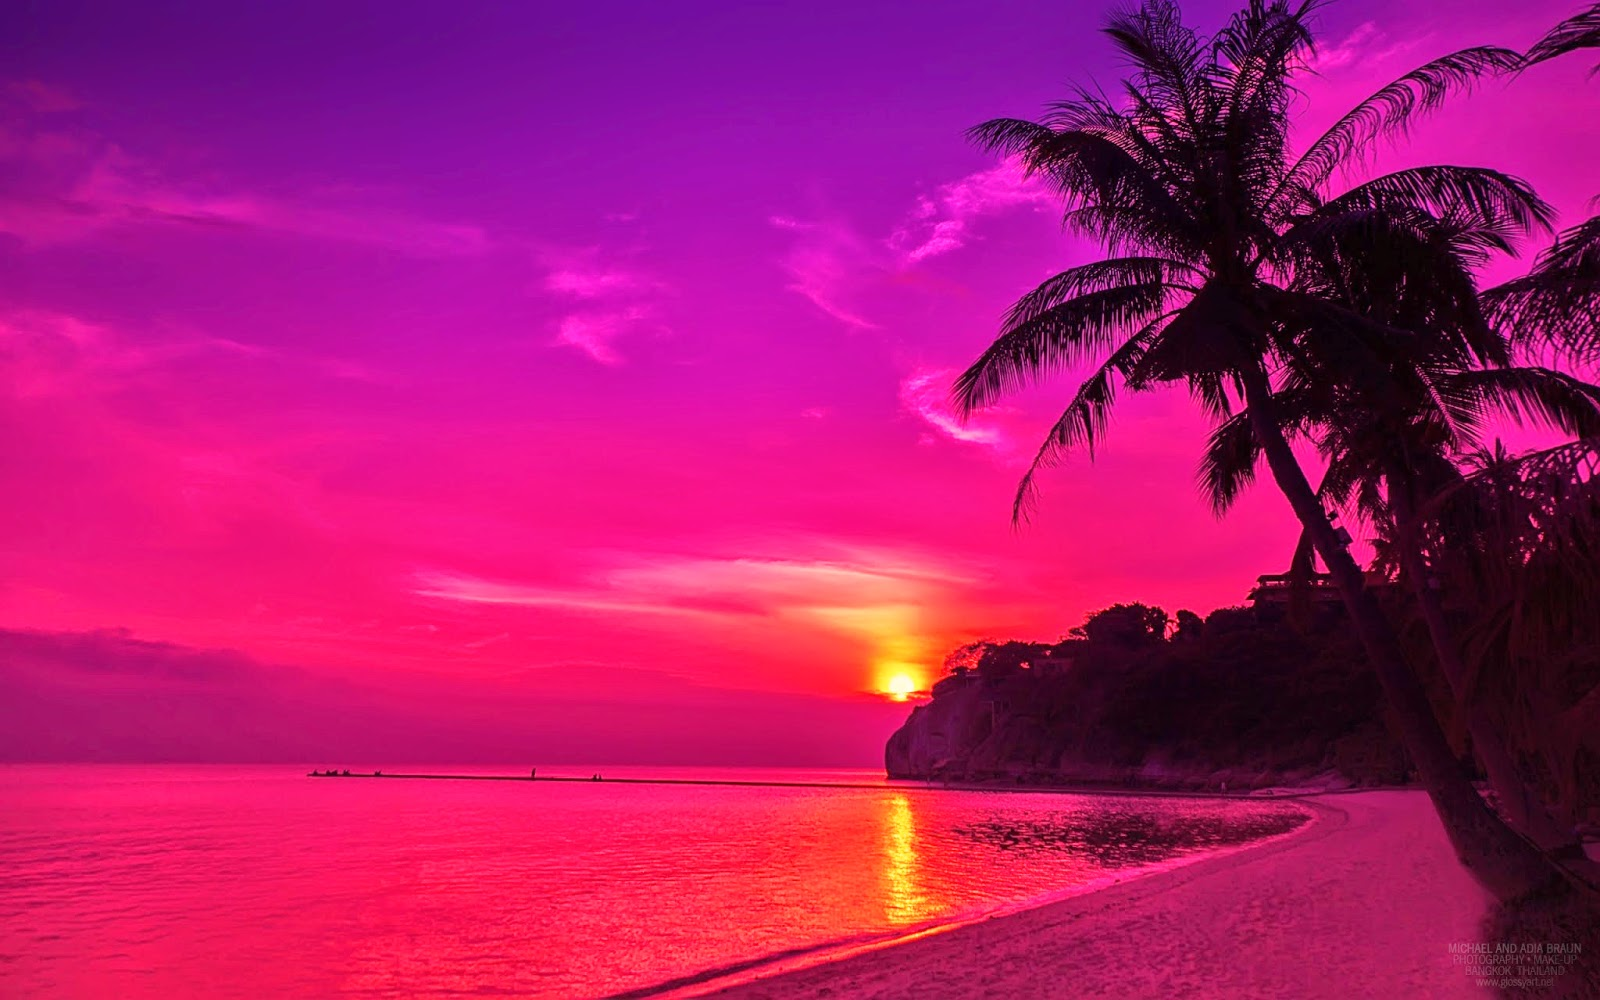 beachsunsetwallpaperjpg 16001000 HOT Pink Pinterest 1600x1000